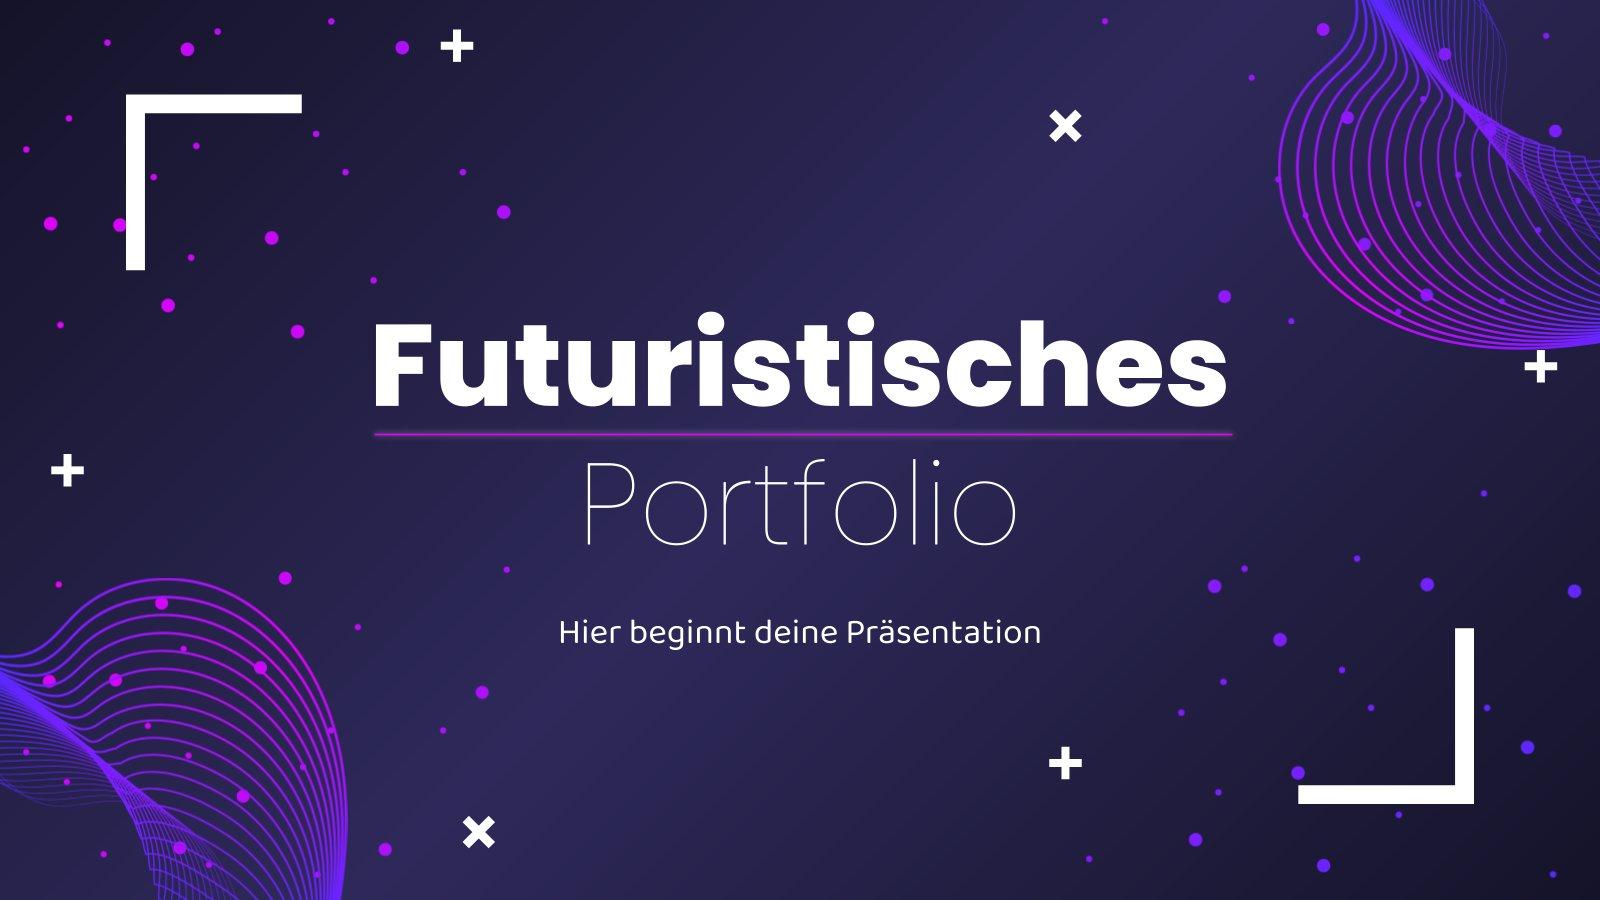 Plantilla de presentación Portfolio futurista